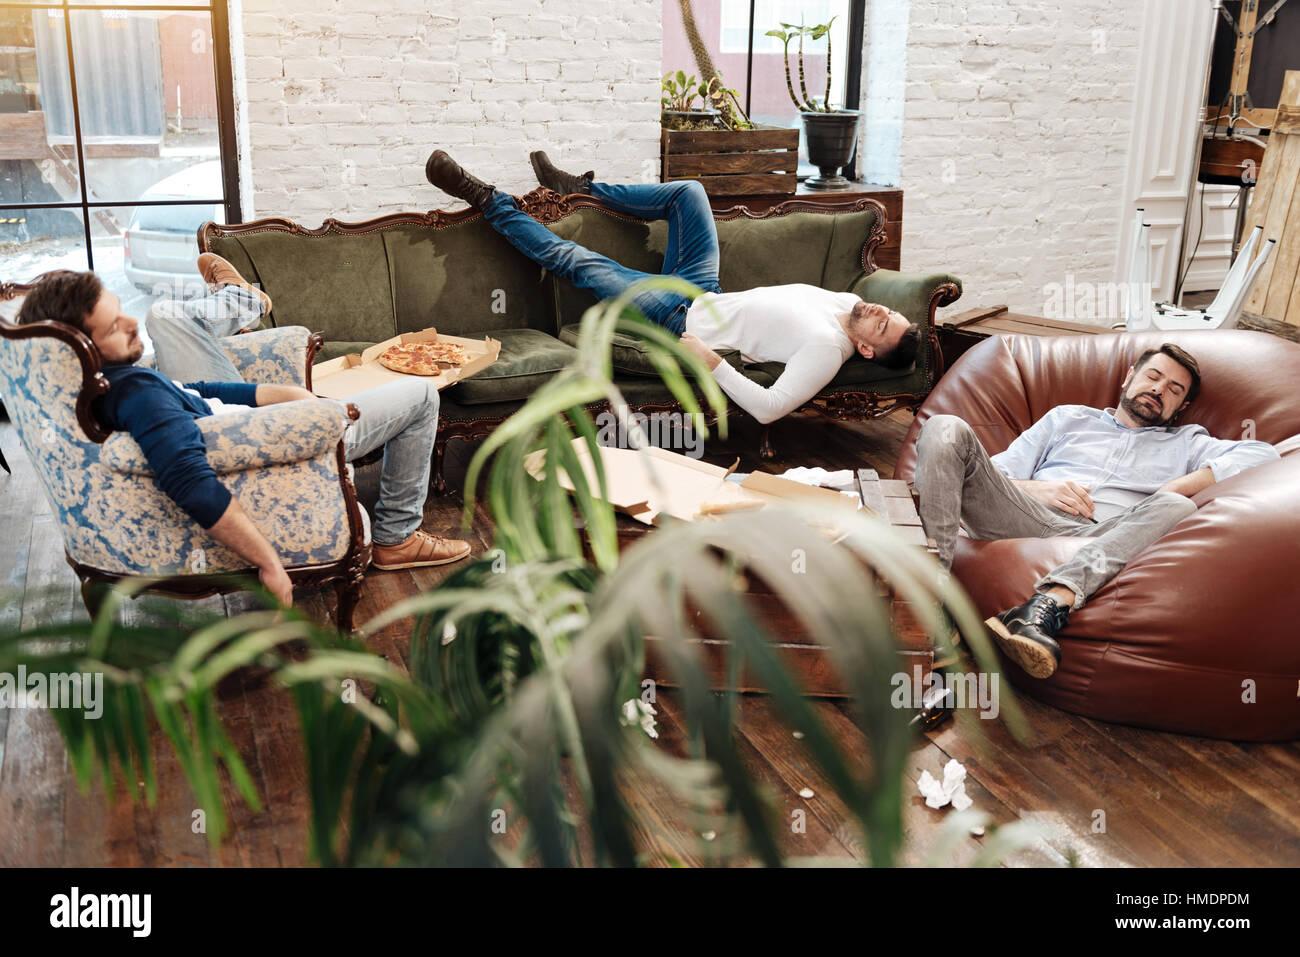 Handsome attractive men sleeping in the living room Stock Photo